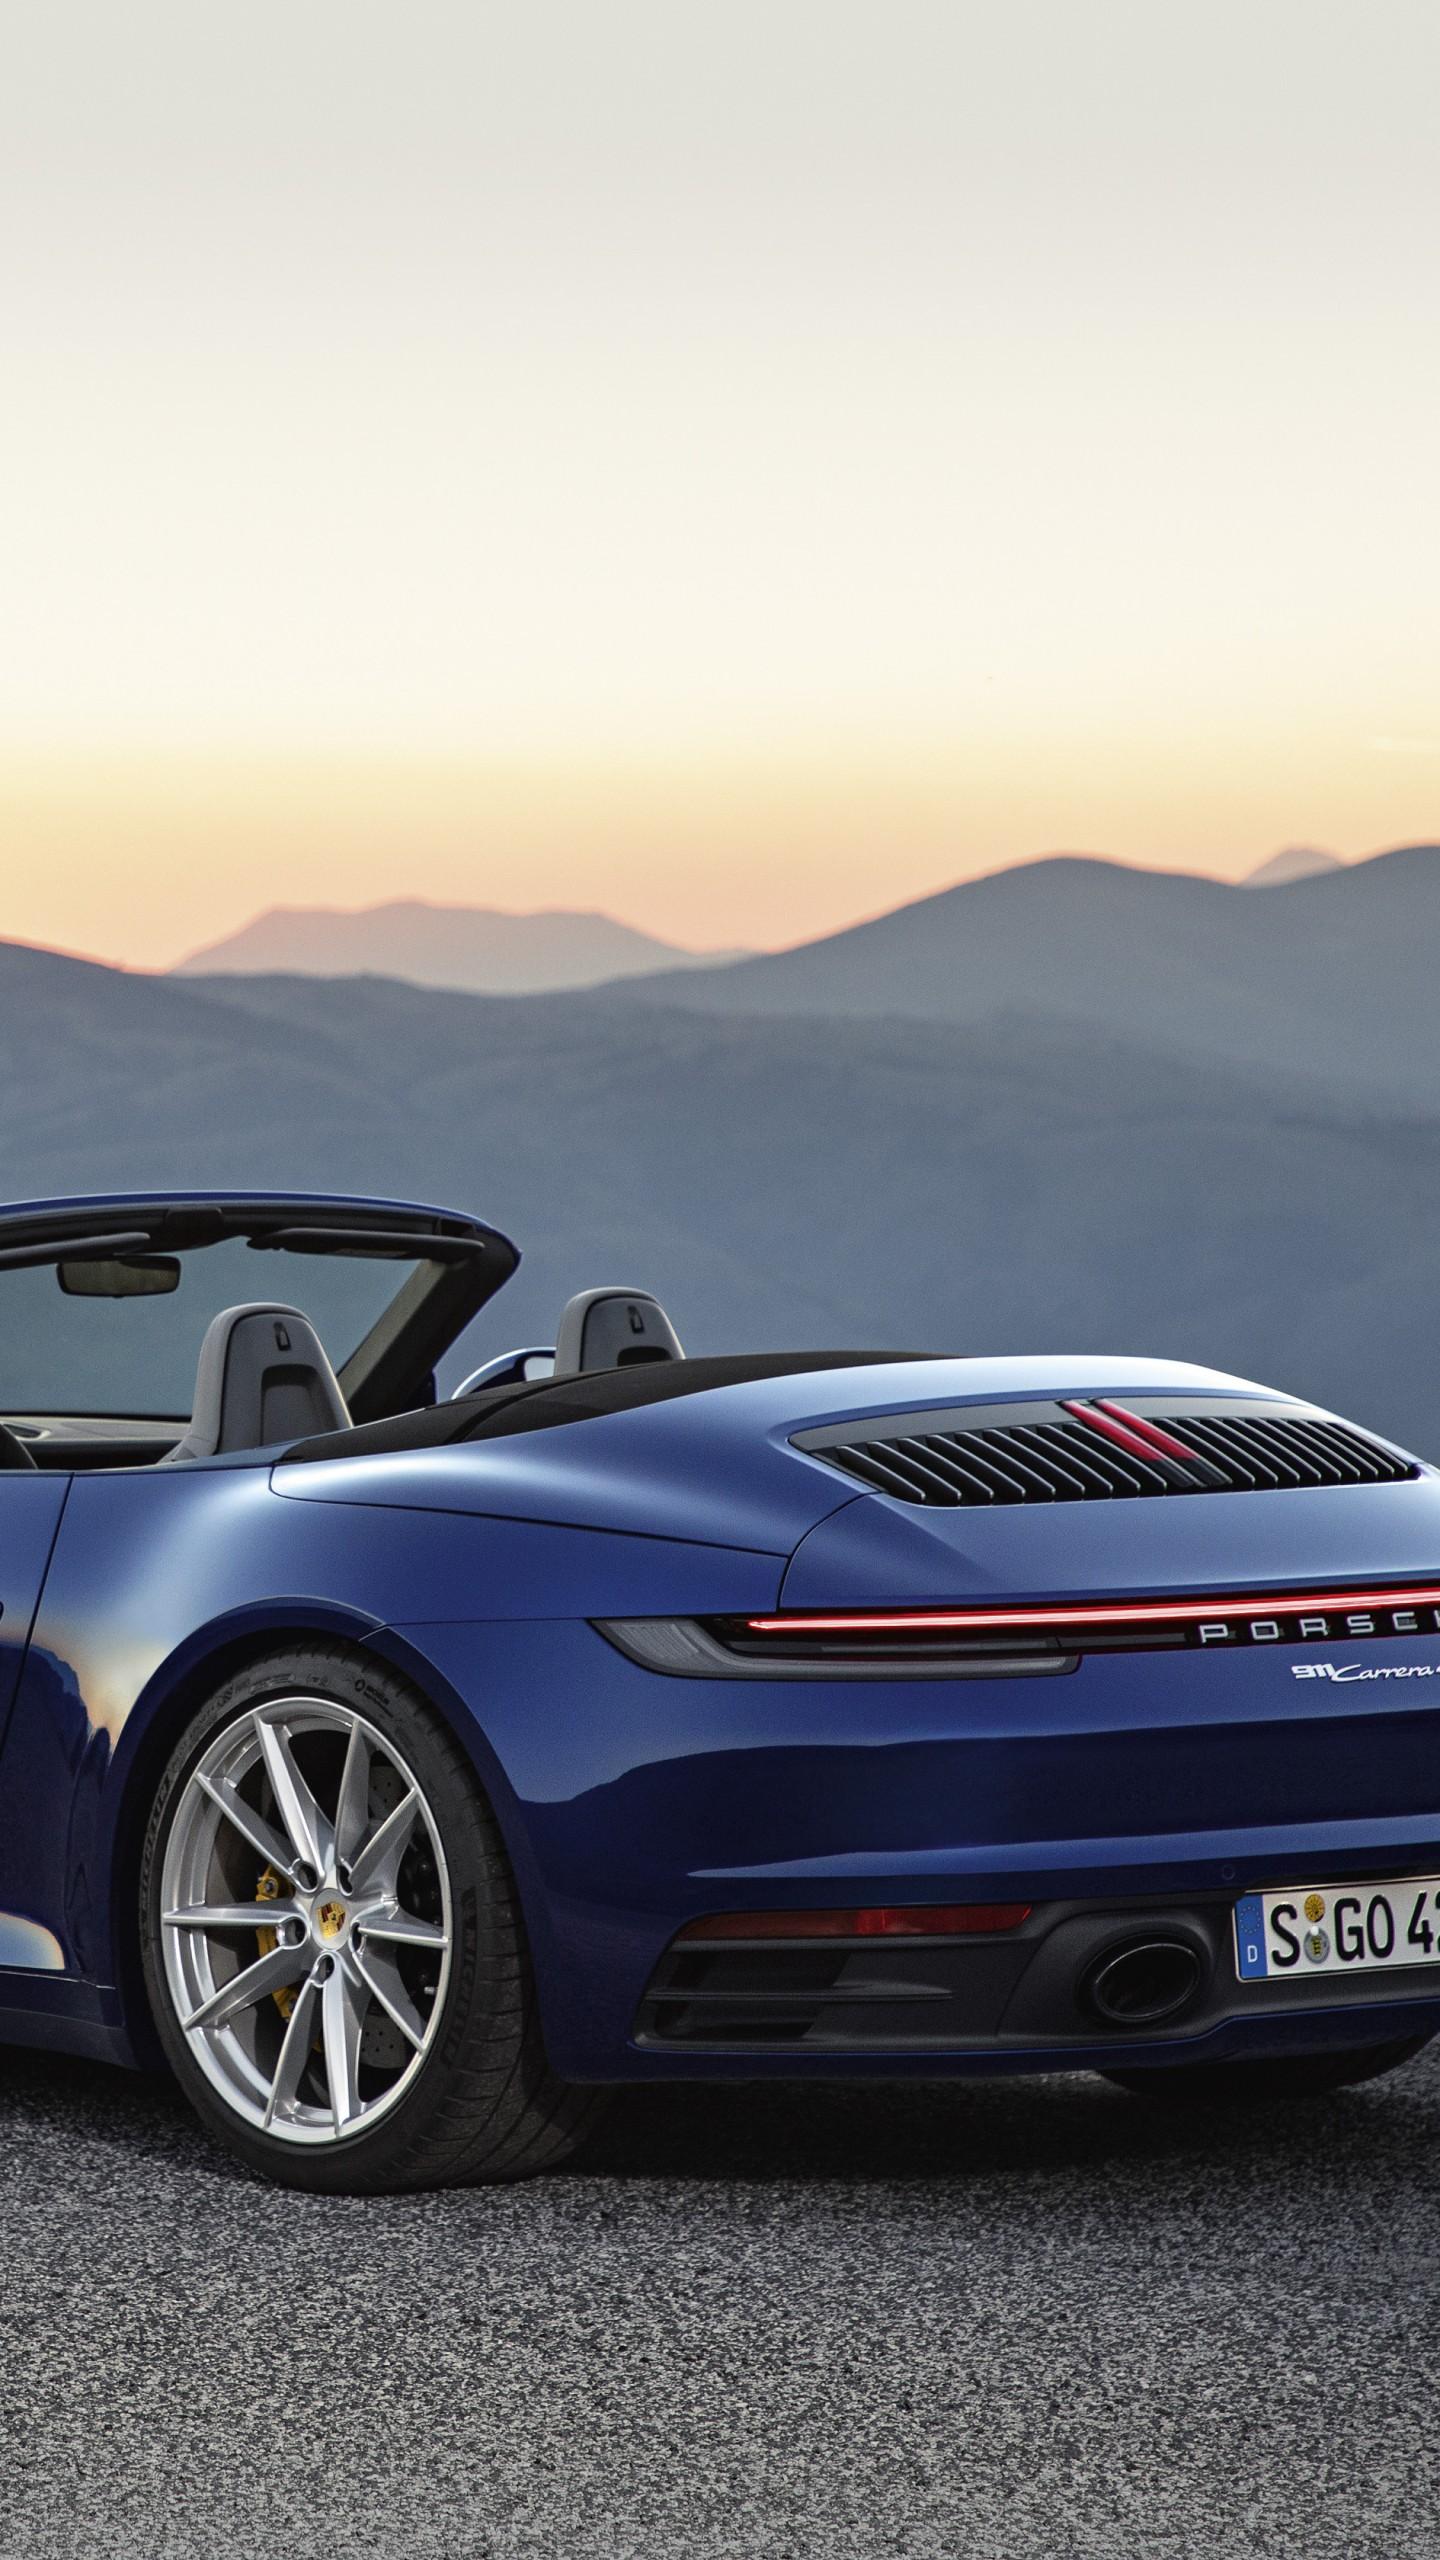 Wallpaper Porsche 911 Carrera 4s Cabriolet 2020 Cars